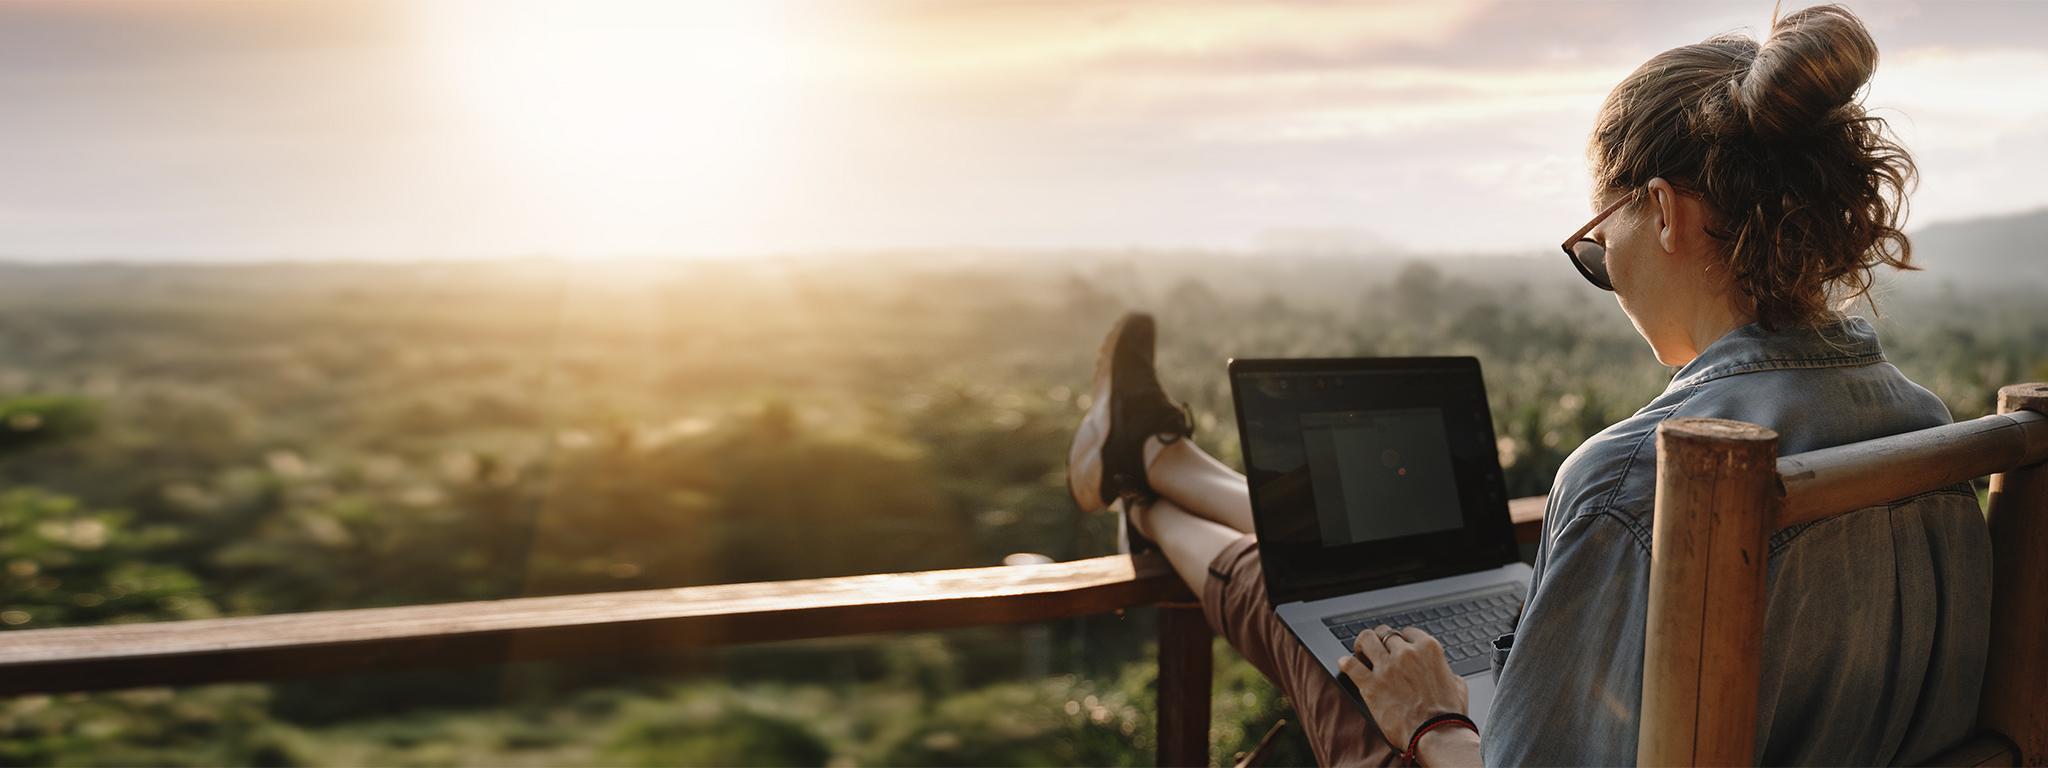 una joven trabajando con un portátil en un balcón al atardecer